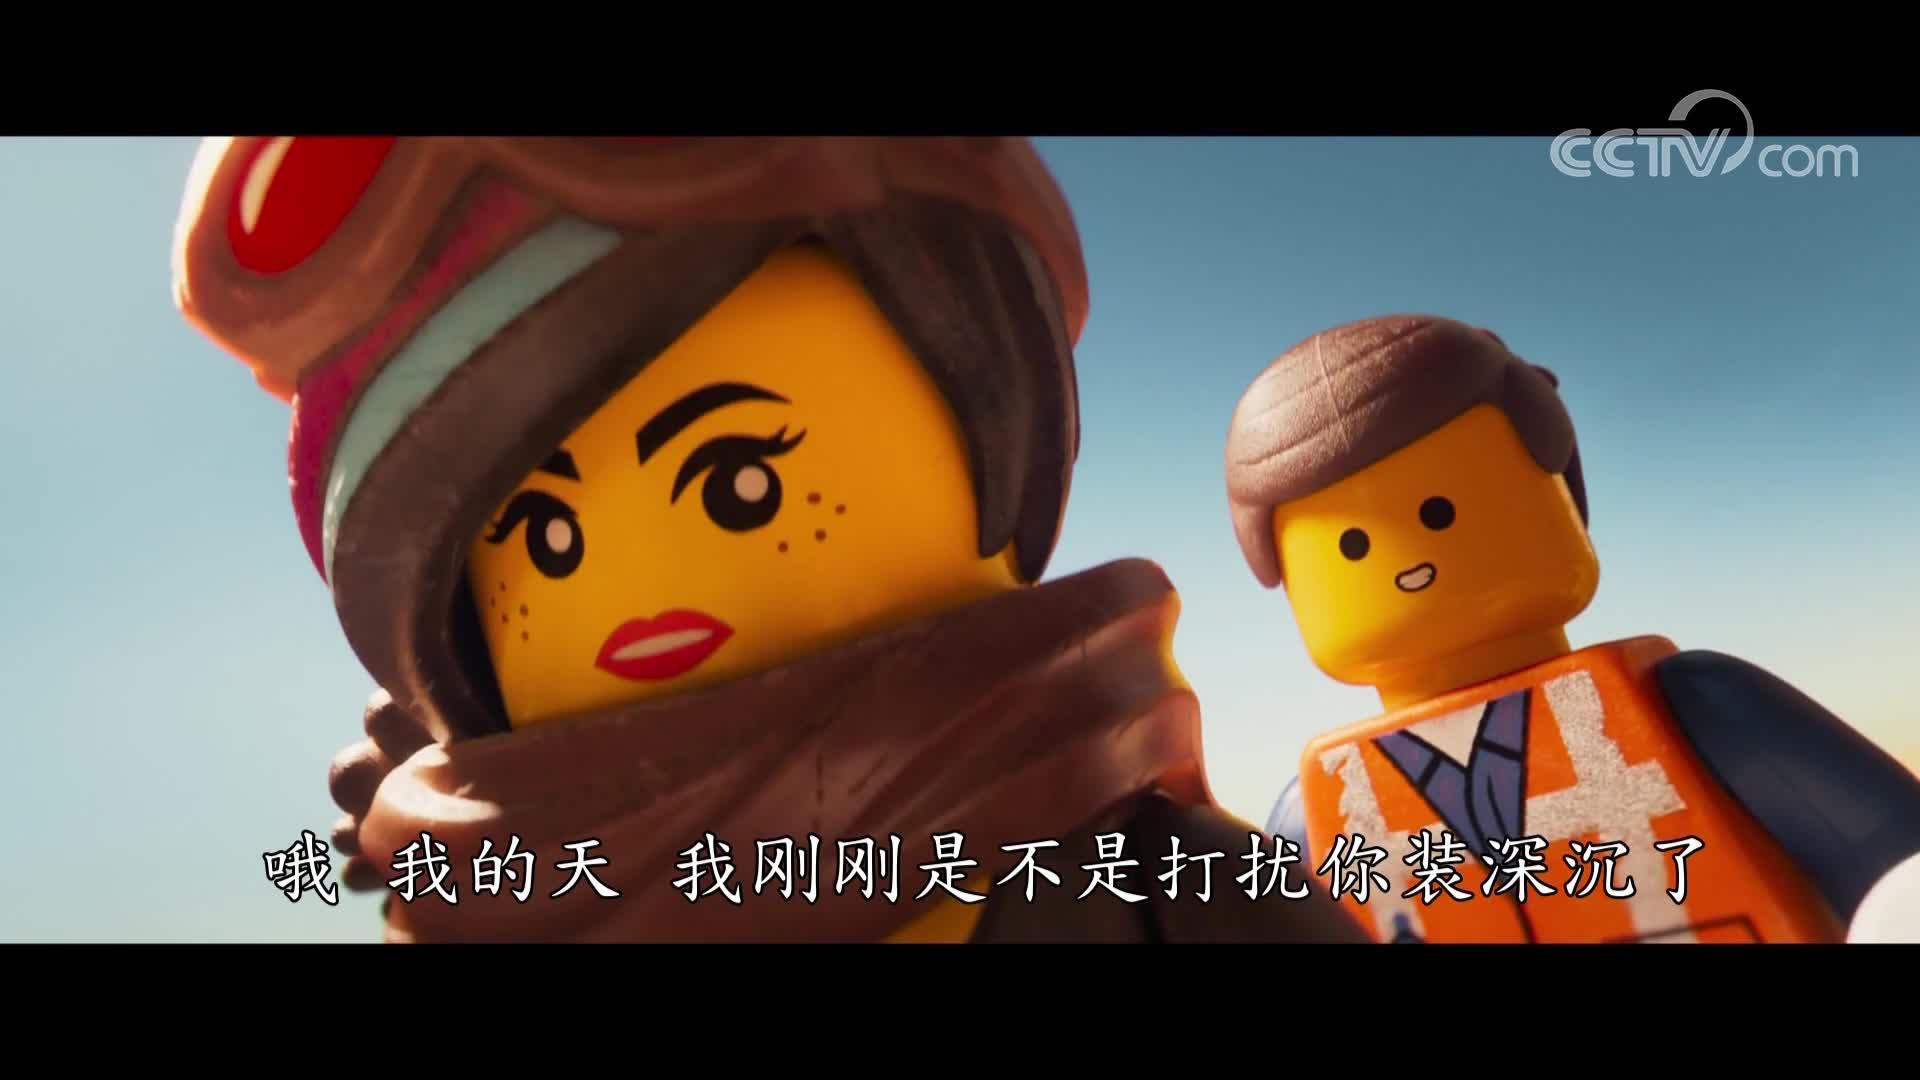 [视频]《乐高大电影2》曝全新预告 贱萌小人开启太空冒险